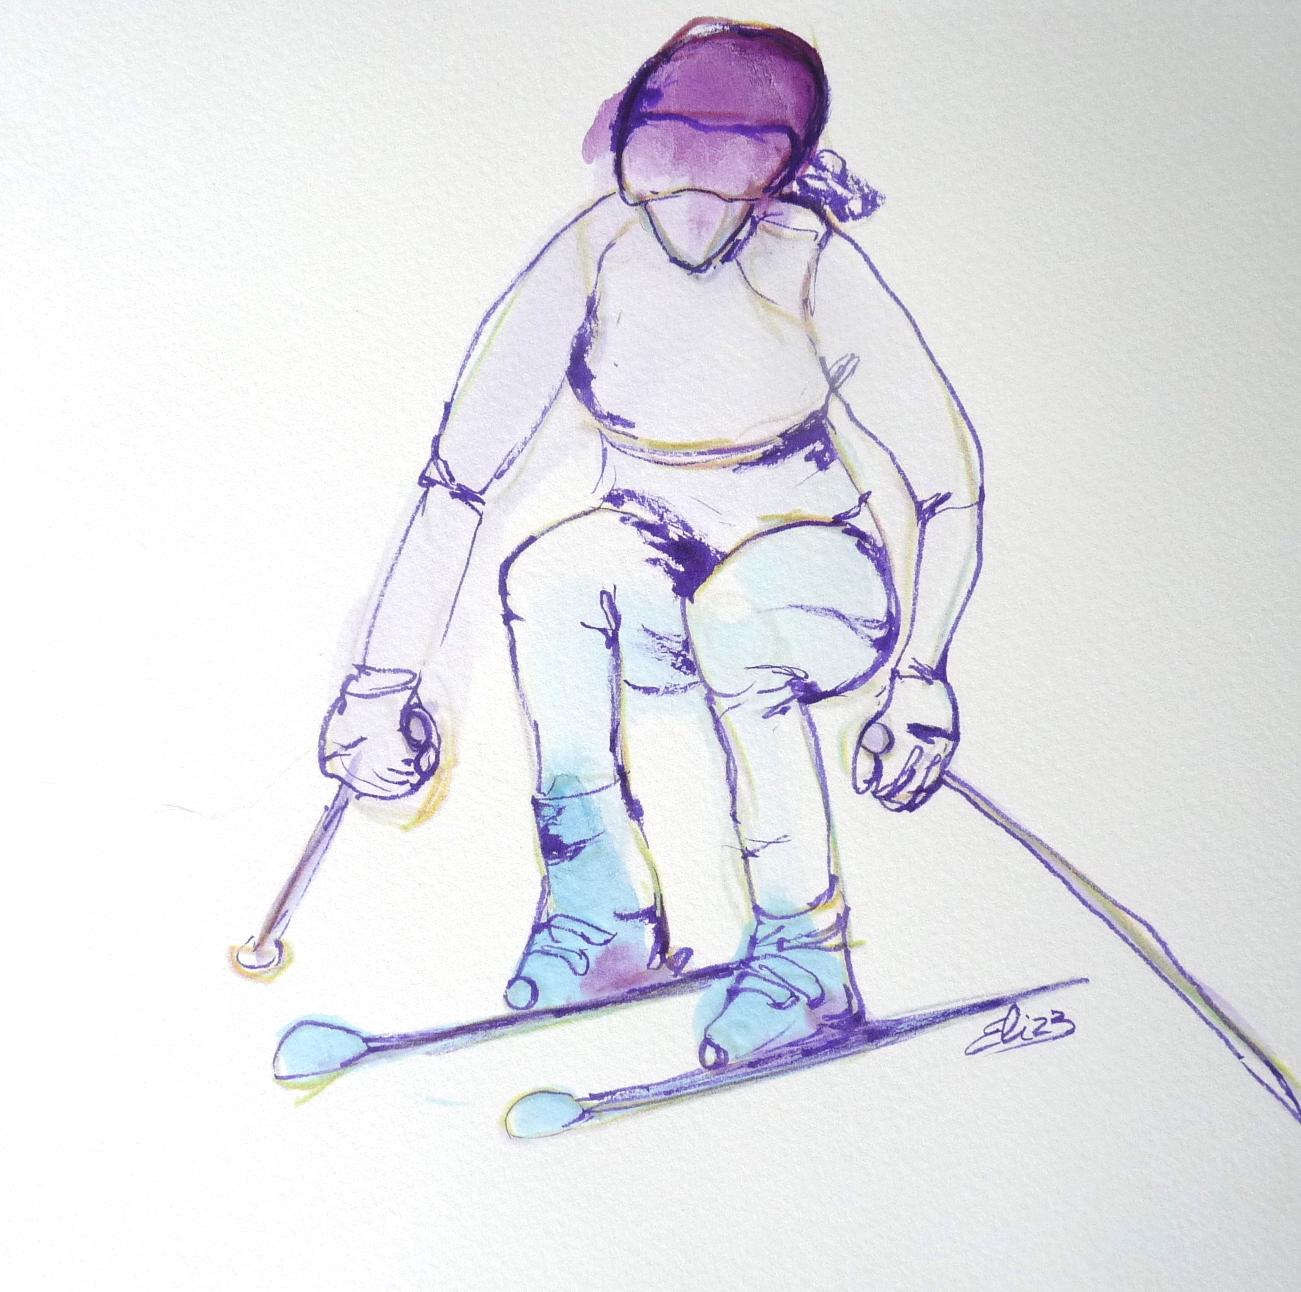 skieuse sportive neige croquis artistique original art pigmentropie